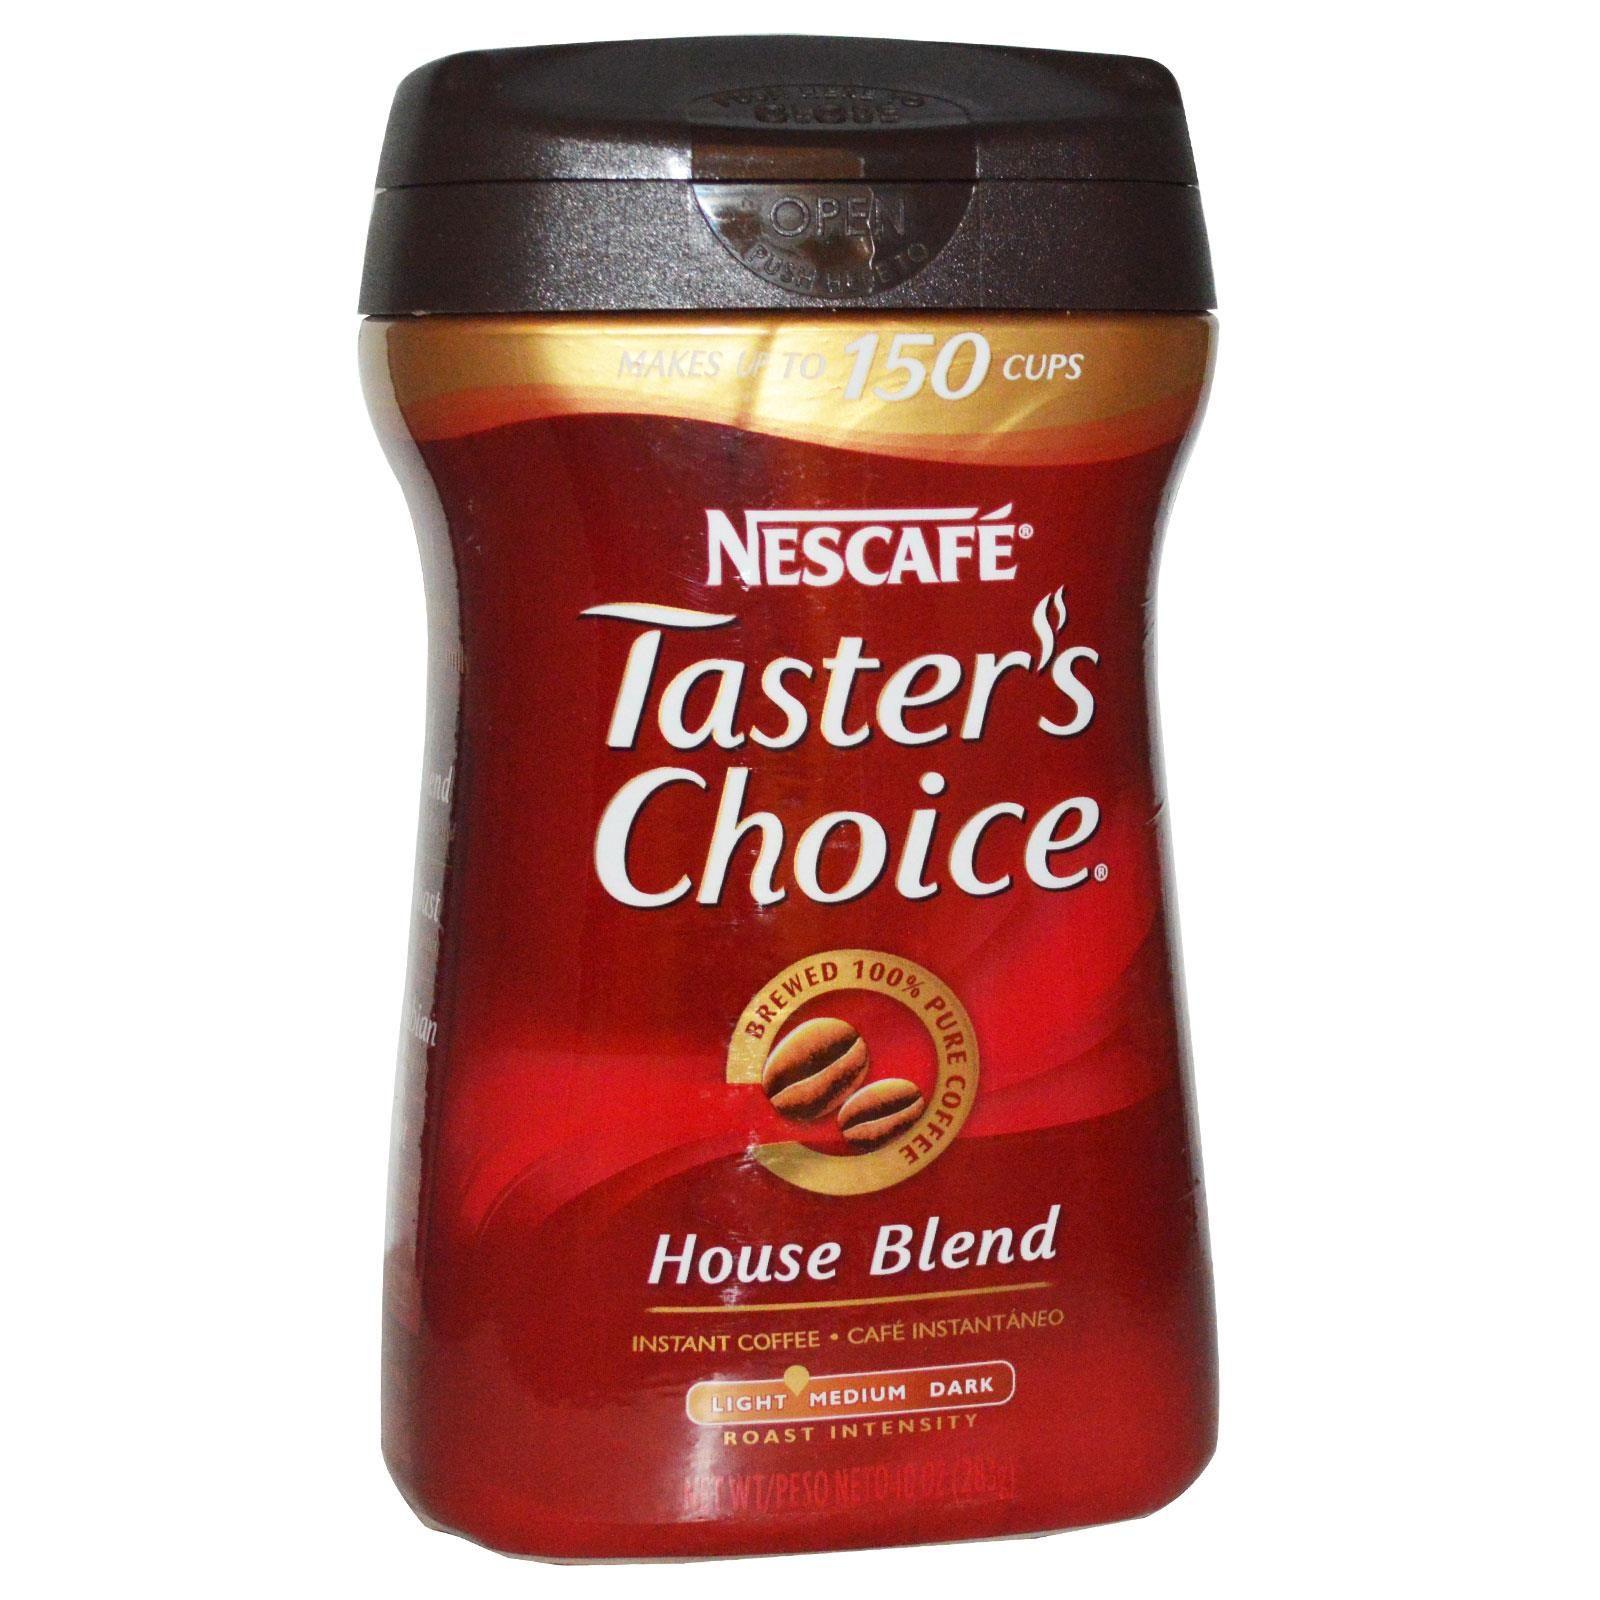 NESCAFÉ COFFEE 028000301002 Nescafe, Coffee, Blended coffee